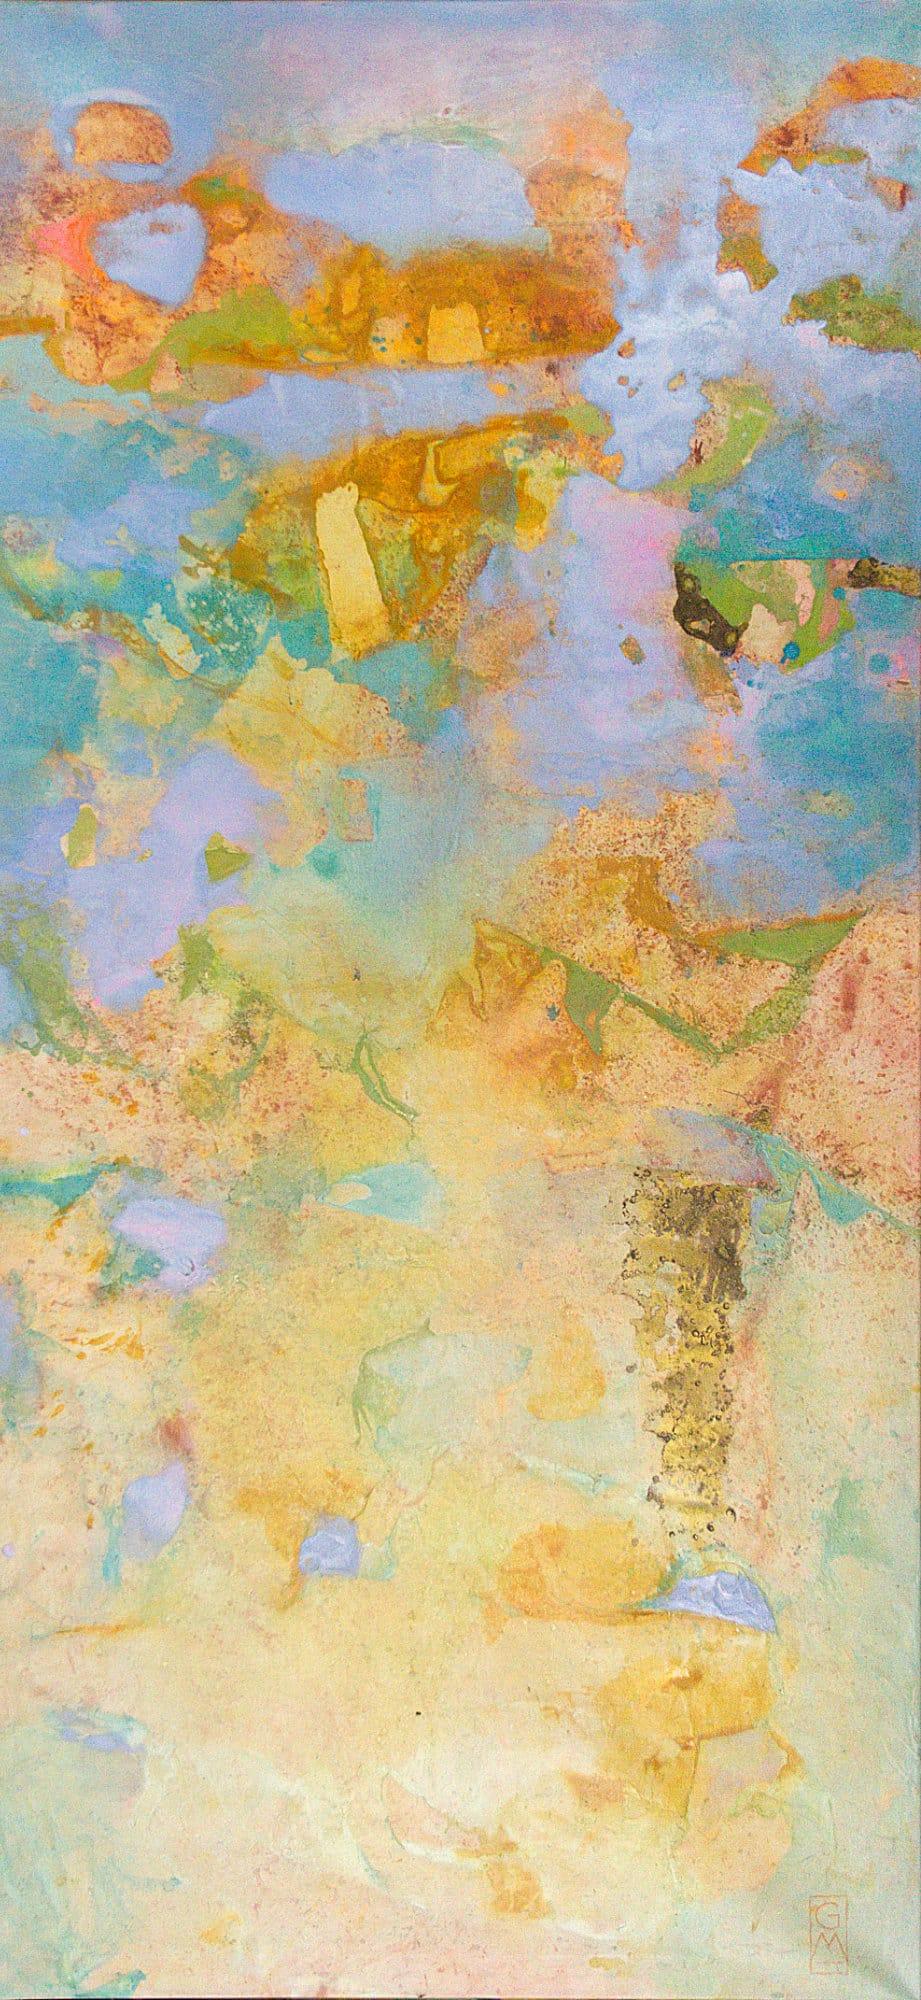 Gerlinde Mader | Abstrakt IX | 180 x 85 cm | Gerlinde Mader